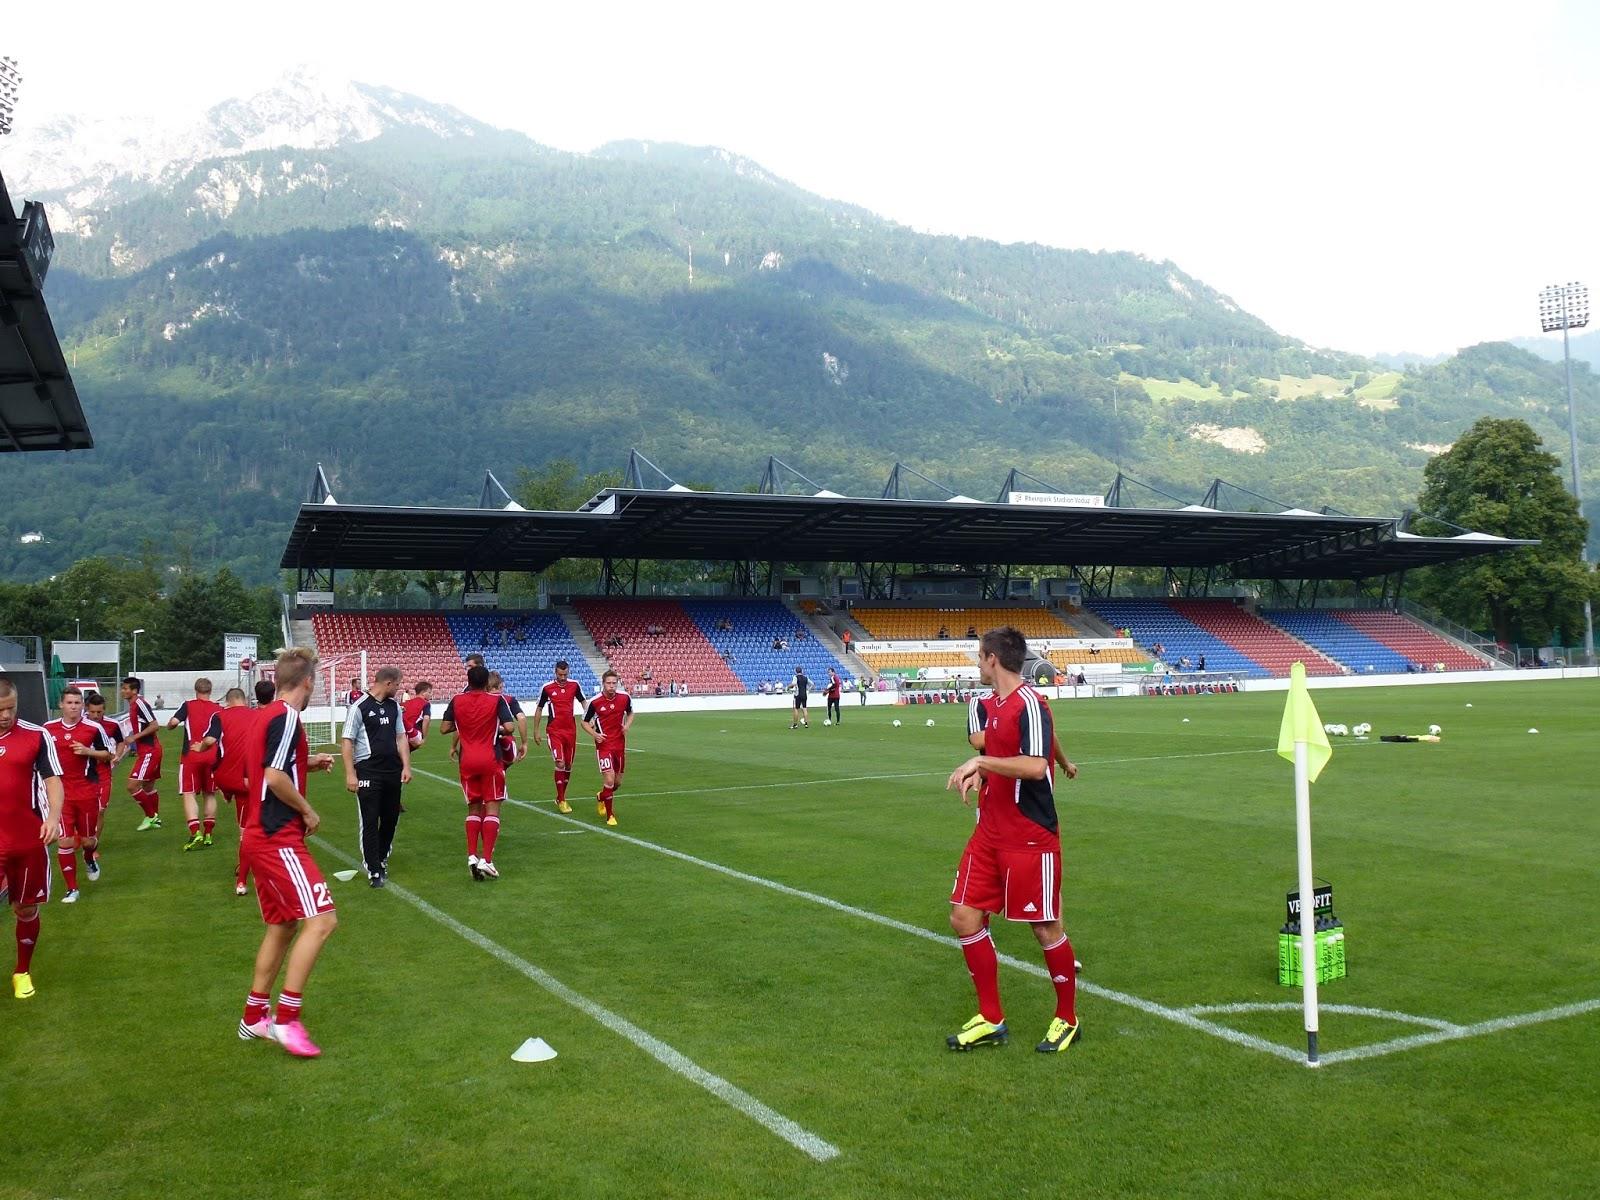 Футболисты тренируются на местном стадионе